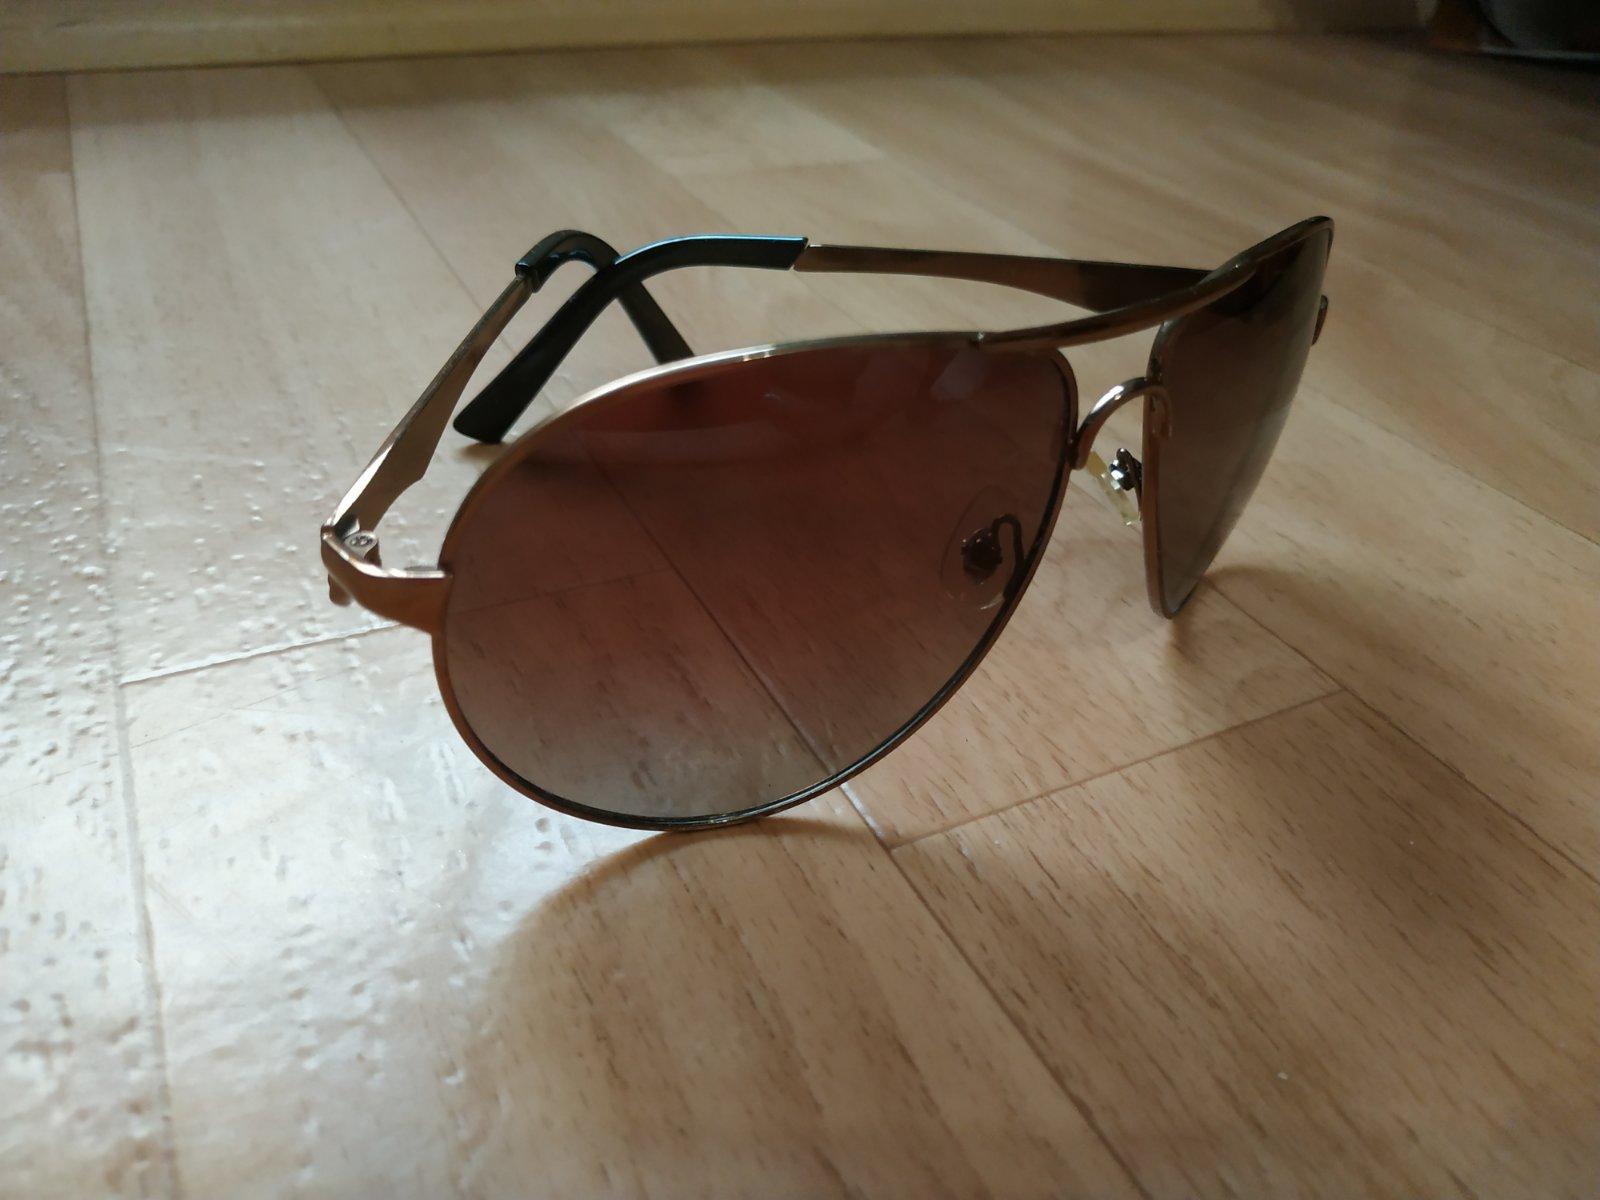 286d7905c Slnečné okuliare - keen, - 4 € od predávajúcej natalia016 | Detský ...